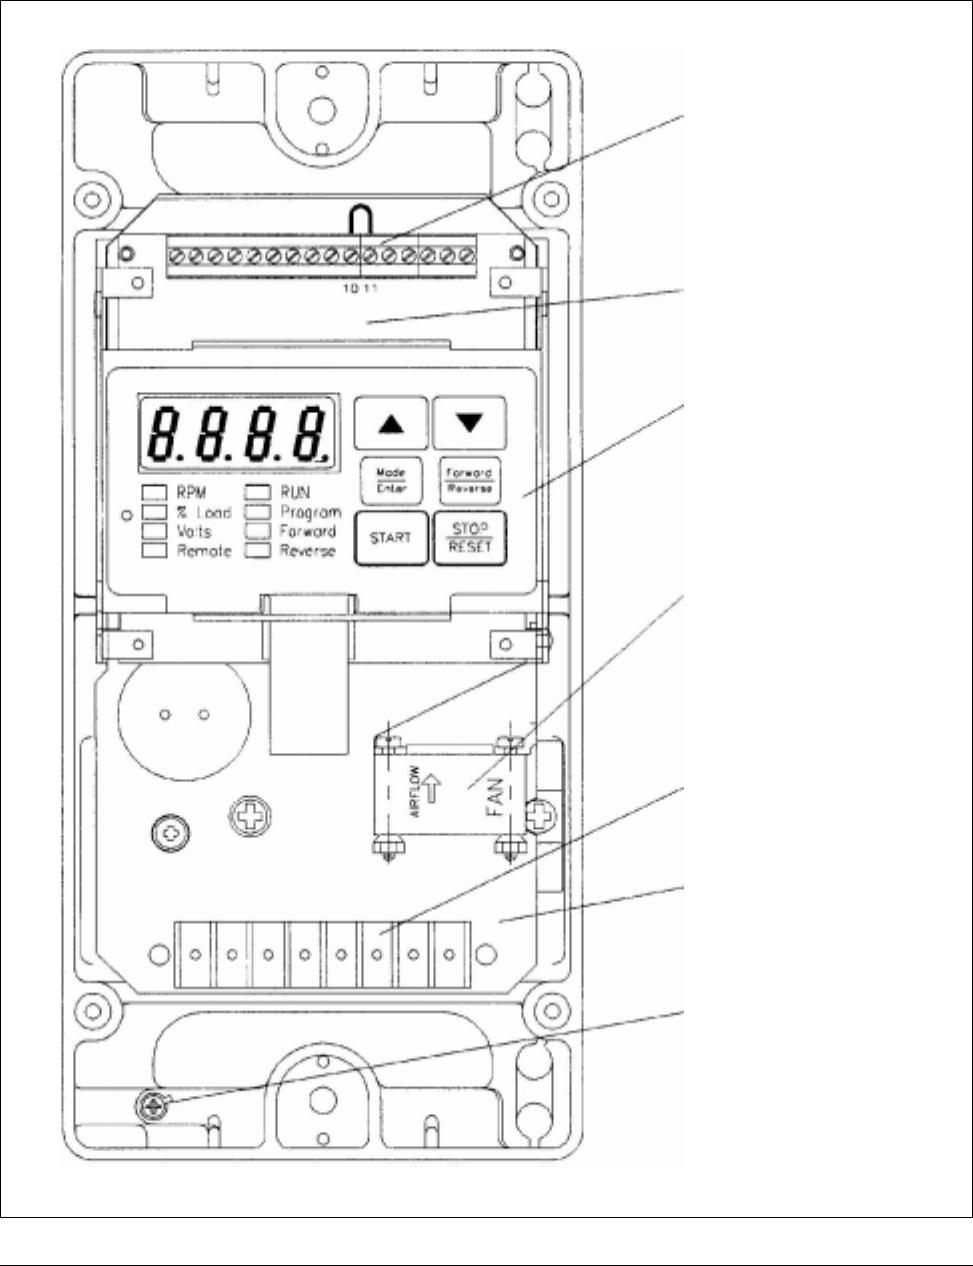 Diagram Electric Brake Controller Wiring Diagrams Elecbrakes